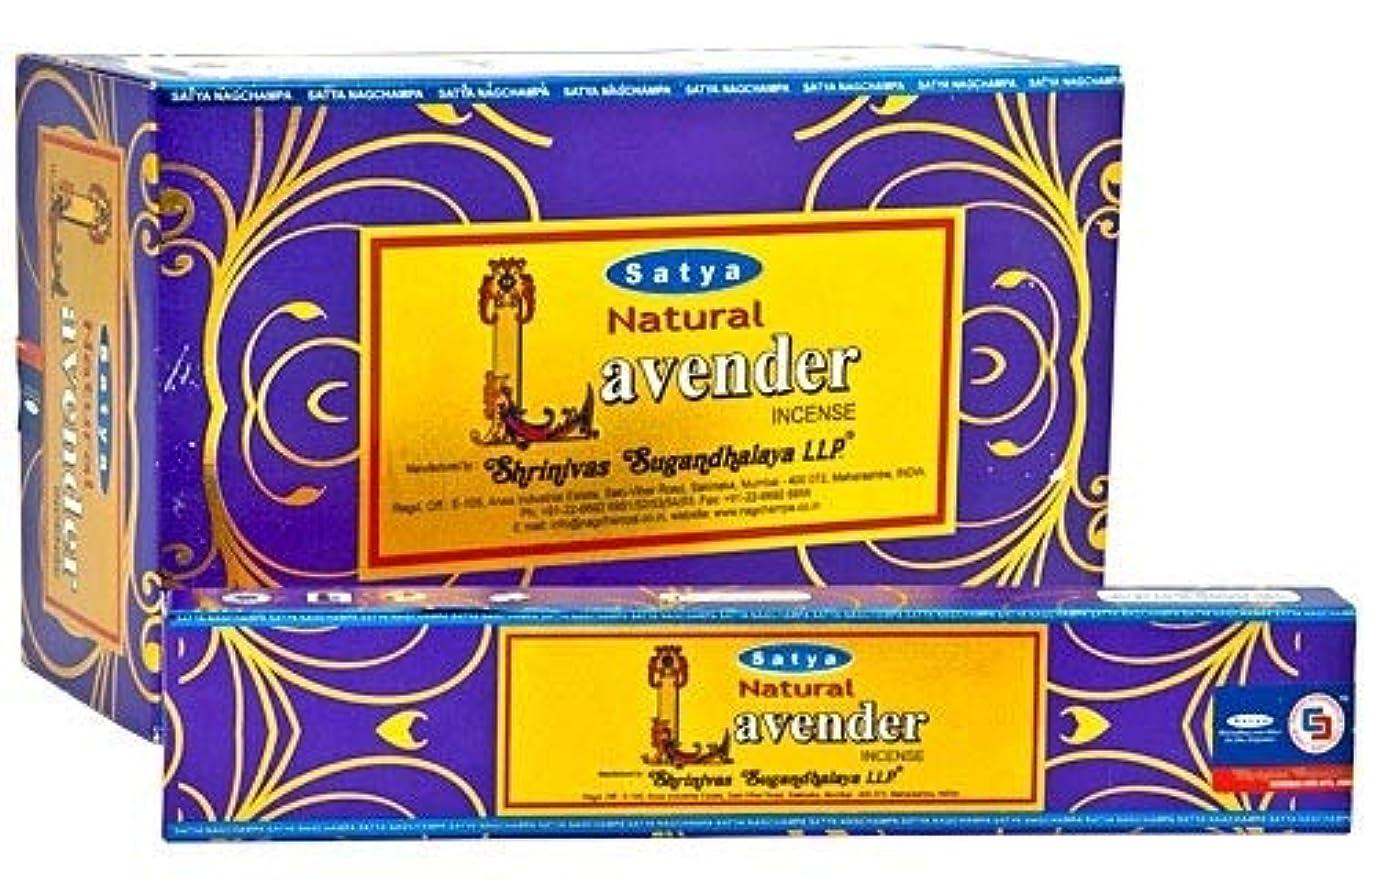 キリスト教クローンSatya 天然ラベンダーお香スティック アガーバッティ 15グラム x 12パック 180グラムボックス 輸出品質